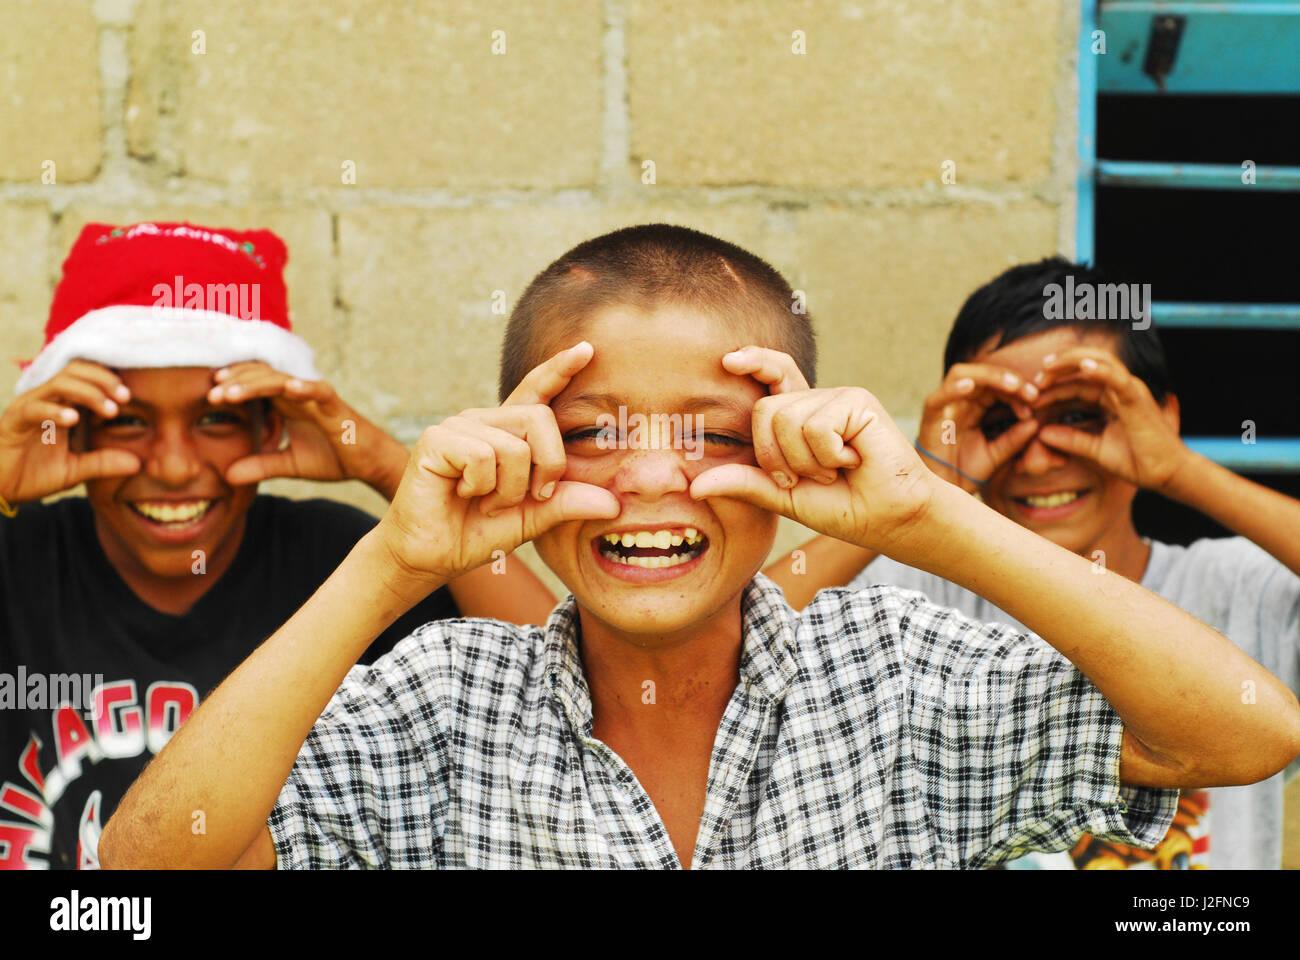 Belize, El Progreso, 3 friends at school - Stock-Bilder